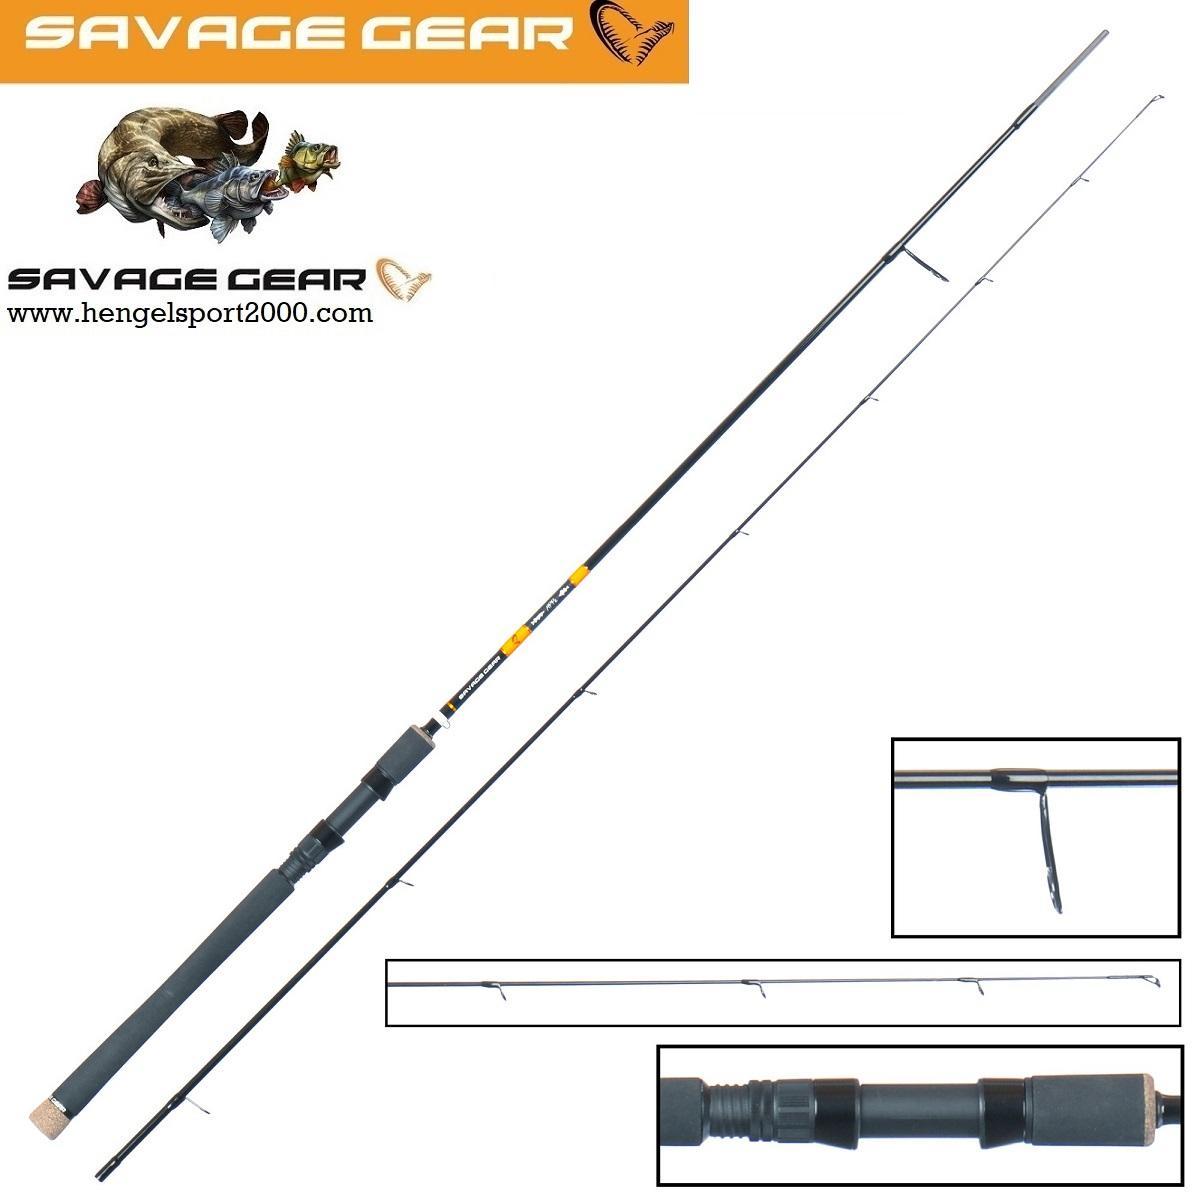 Savage Gear Multi Purpose Predator2 Spin 221 cm 20 - 60 gram